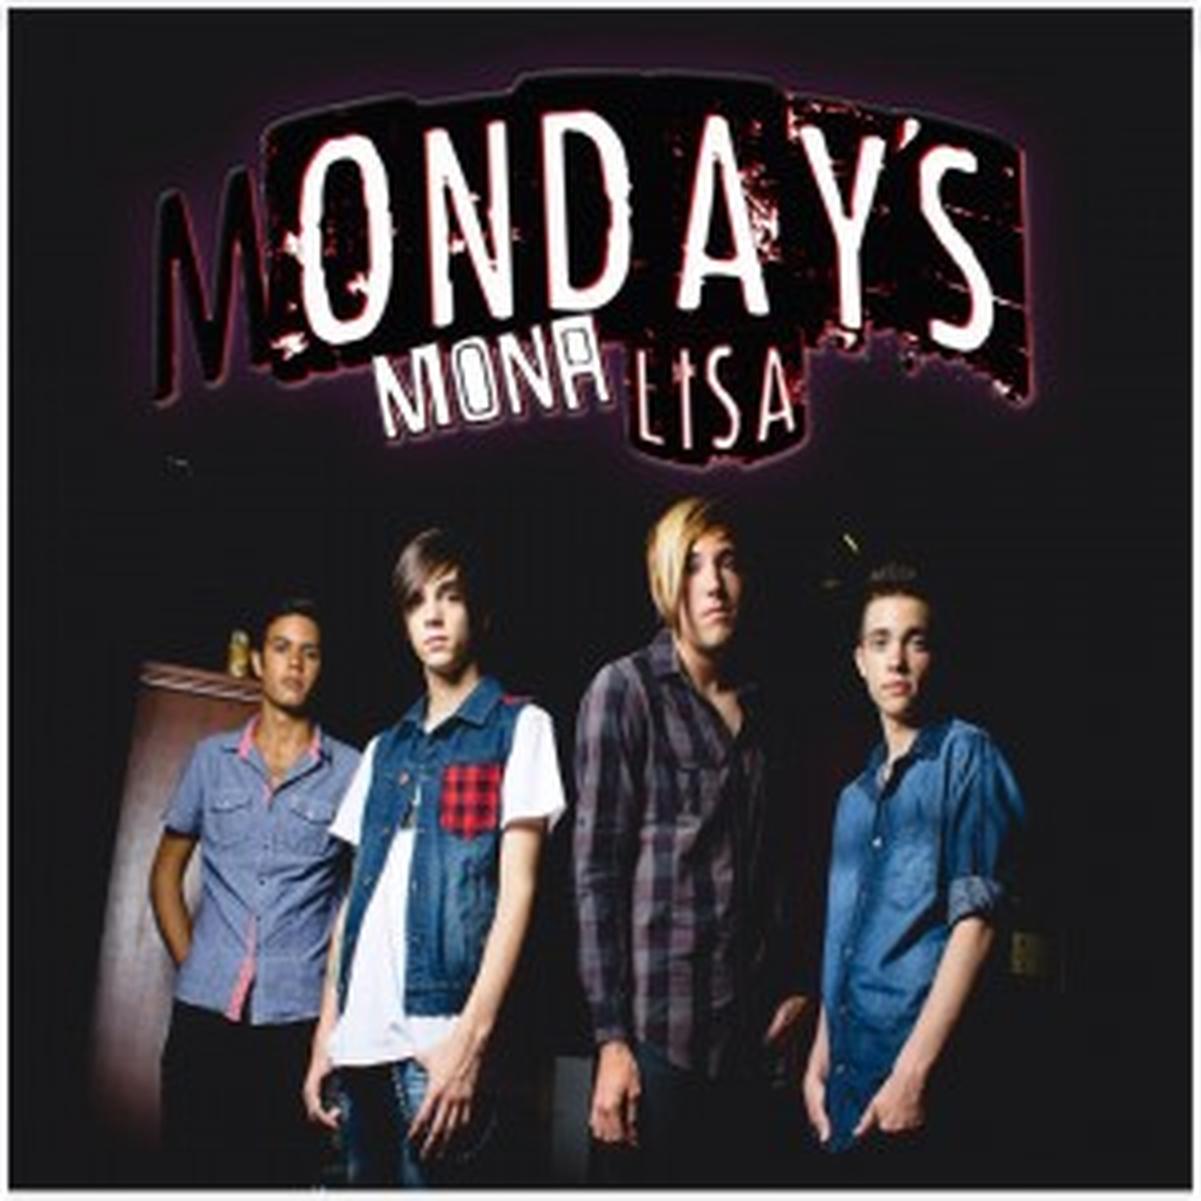 Monday's Mona LIsa wiki, Monday's Mona LIsa review, Monday's Mona LIsa history, Monday's Mona LIsa news